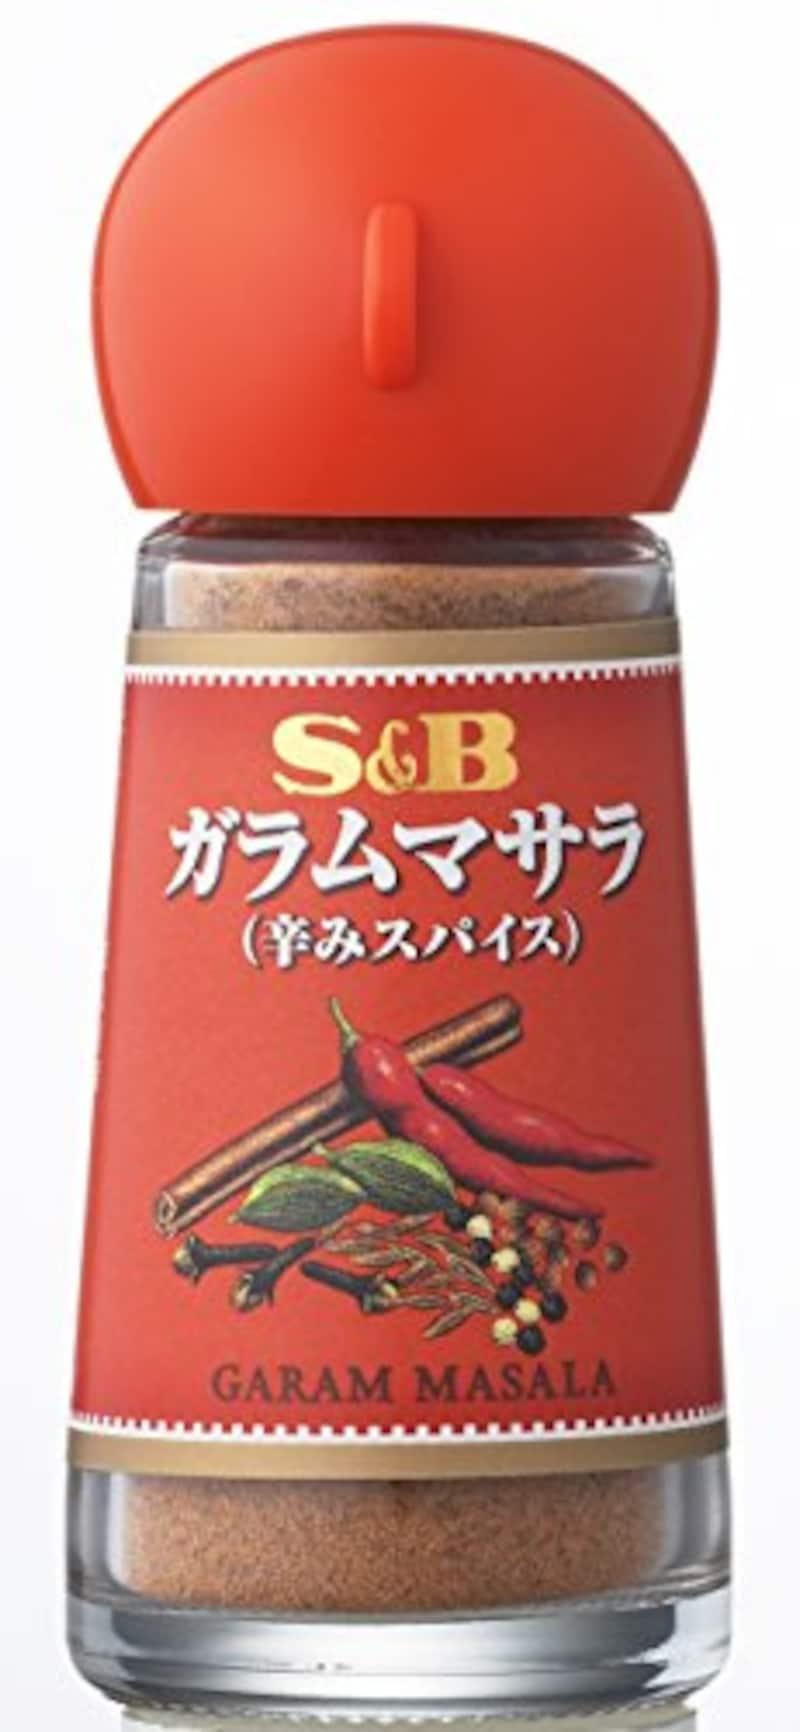 エスビー食品,S&B ガラムマサラ